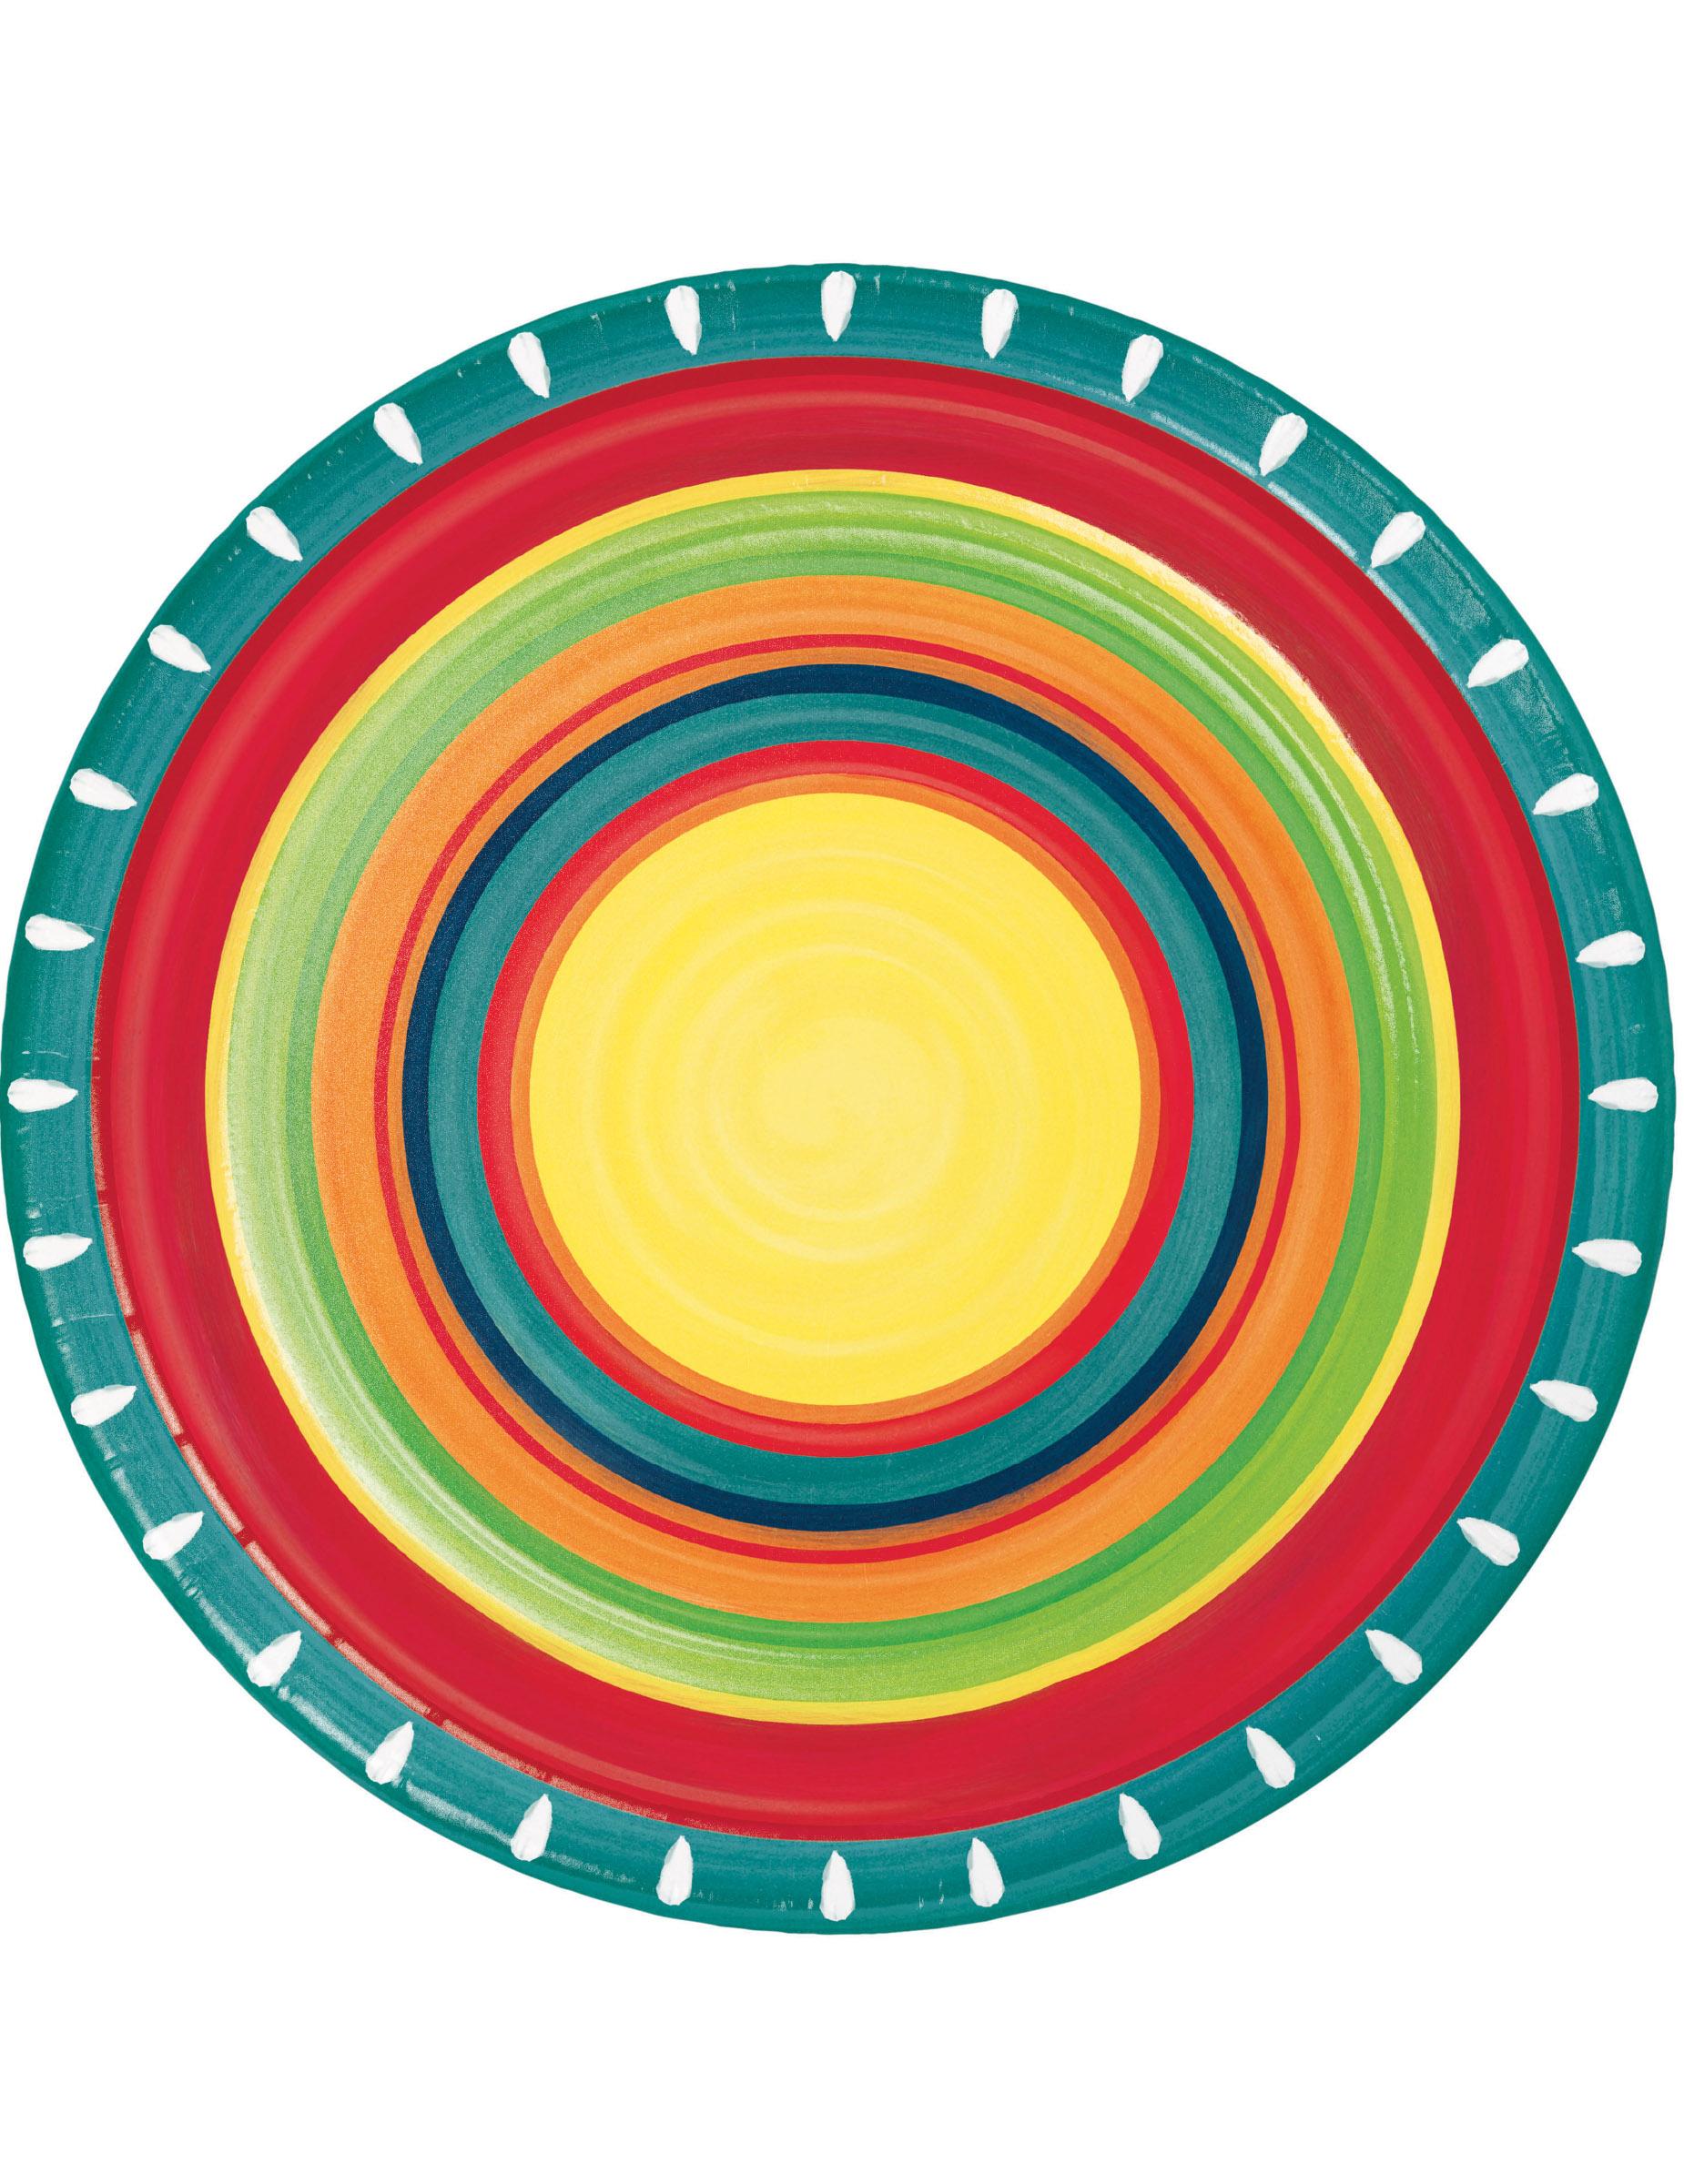 8 Platos de cartón mexicanos 22 cm  Decoración 9fcaaeae201